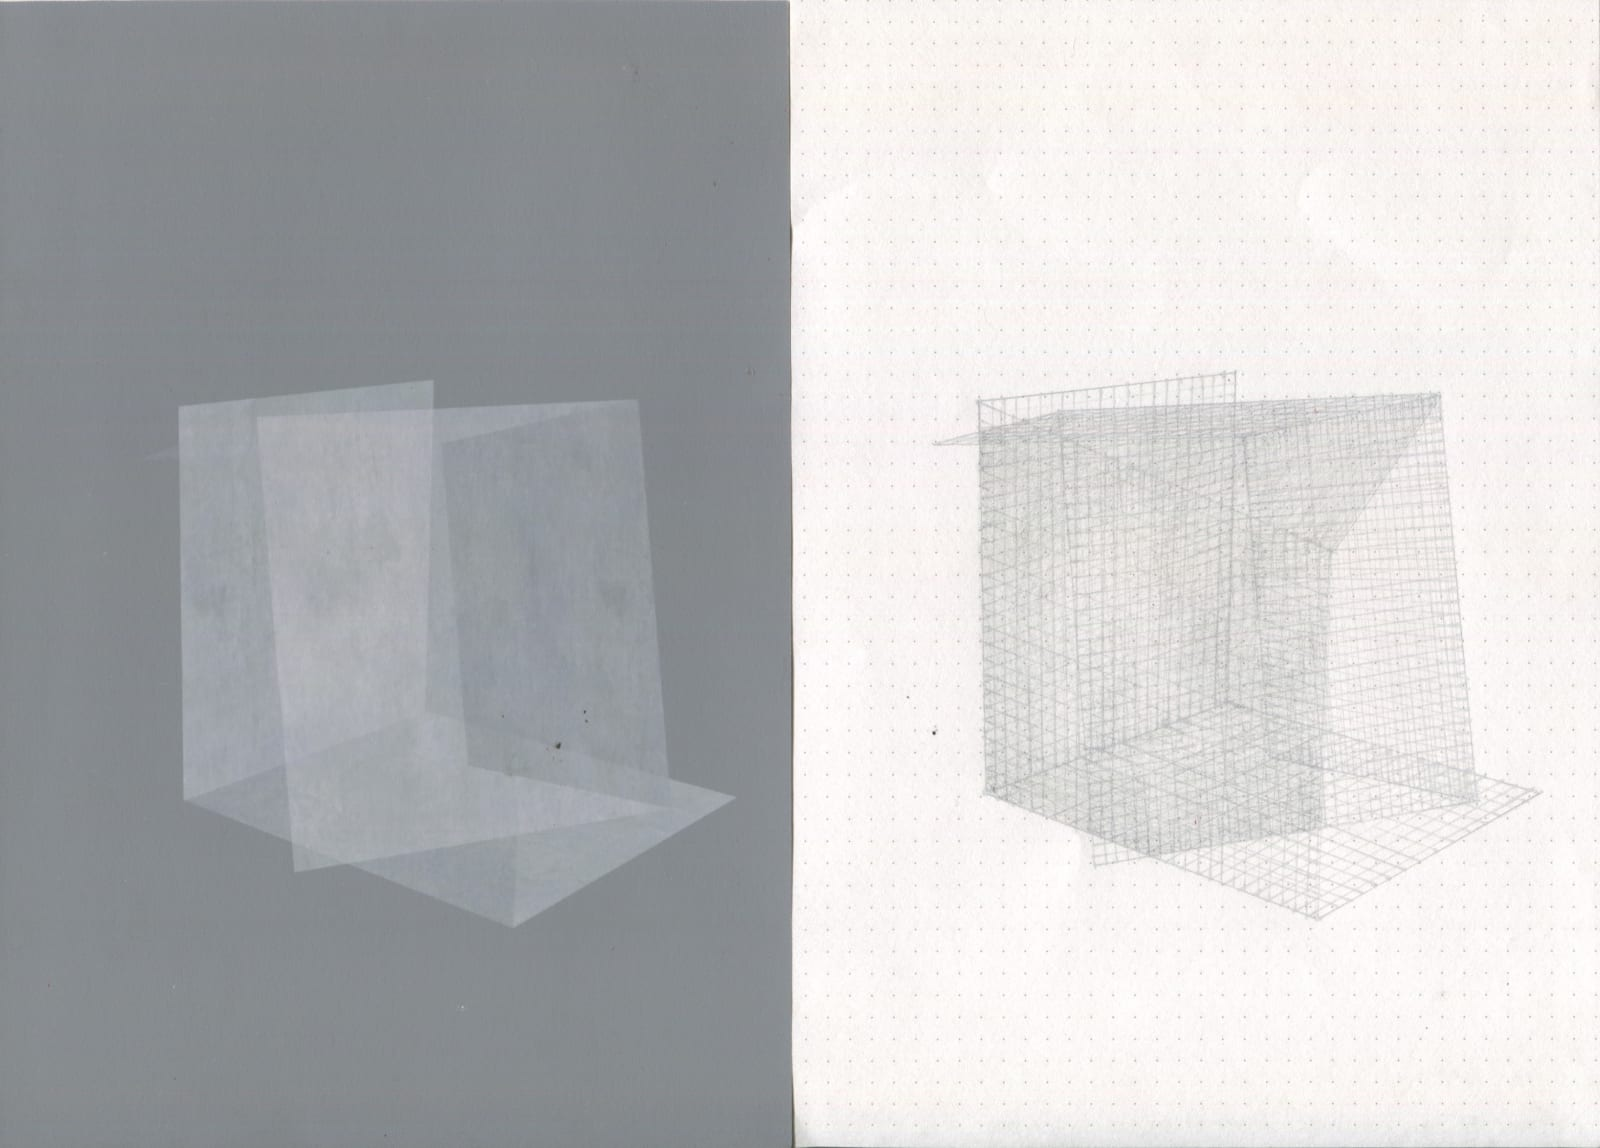 TEJA GAVANKAR Conjunctions - 1, 2020   Series of 10 drawings   Graphite and digital print on paper   11.5 x 8.3 in